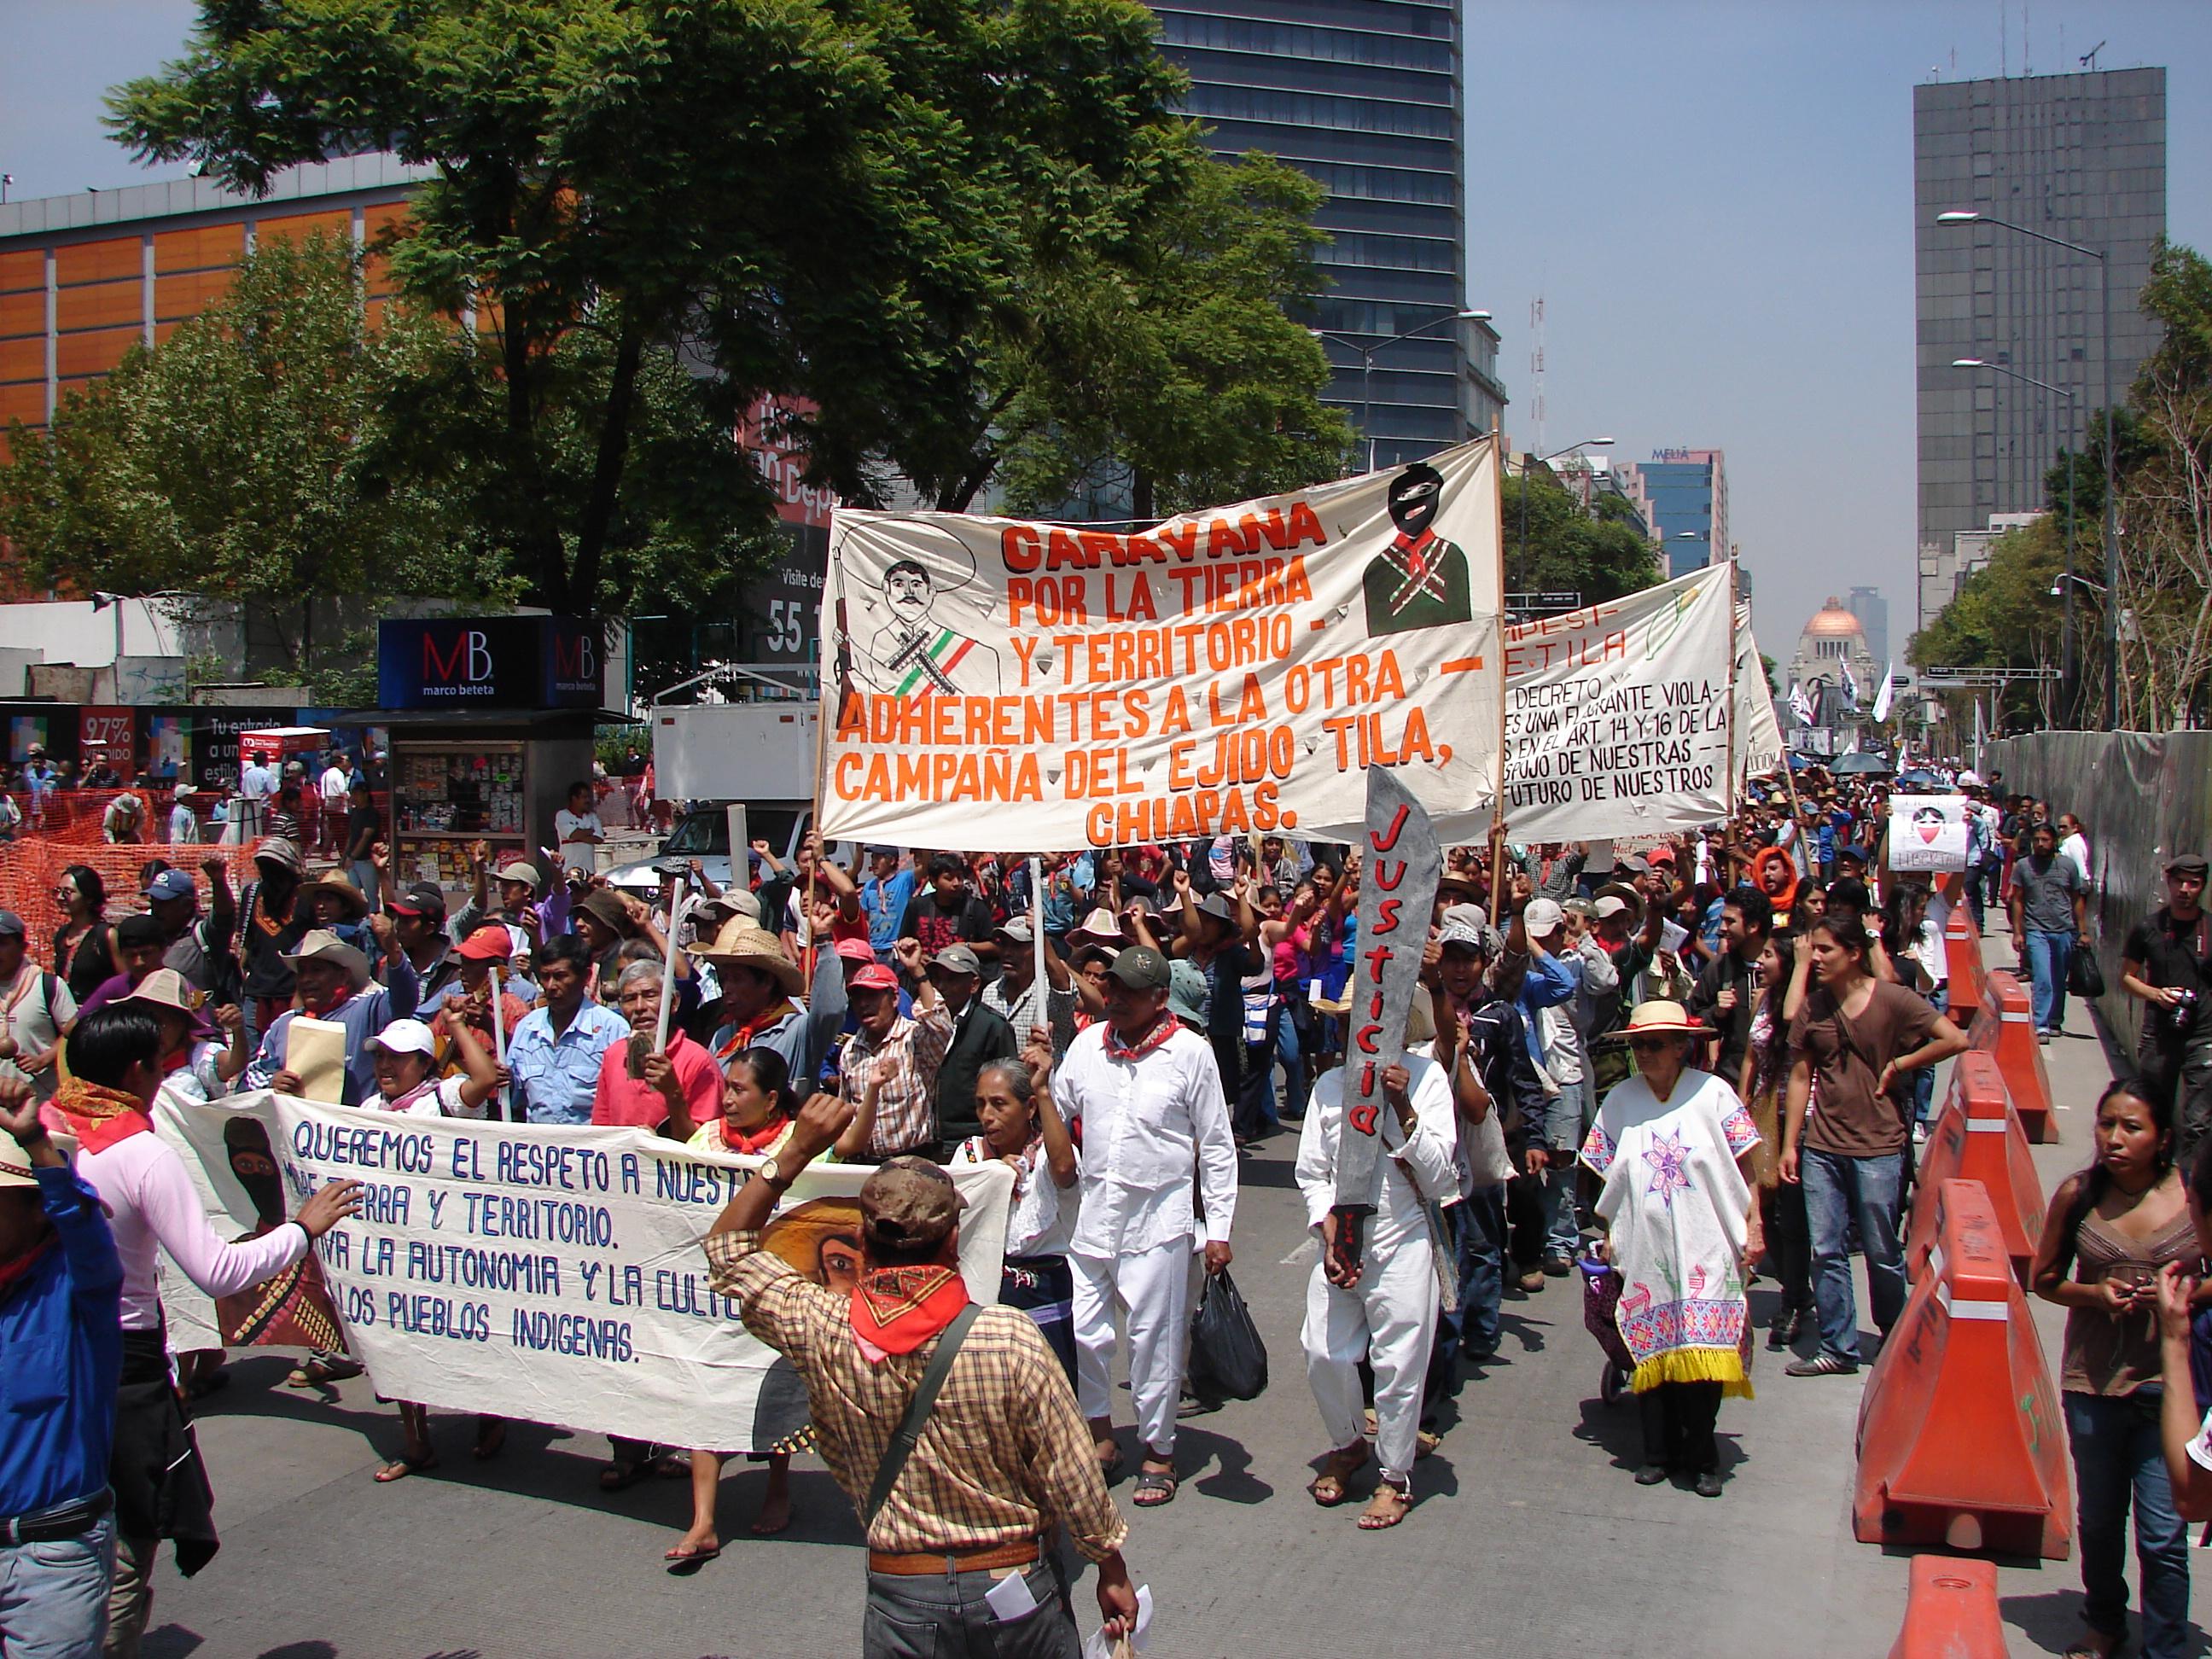 Suprema corte pospone fallo sobre el caso de los indígenas de Tila Chiapas, la espera continúa…